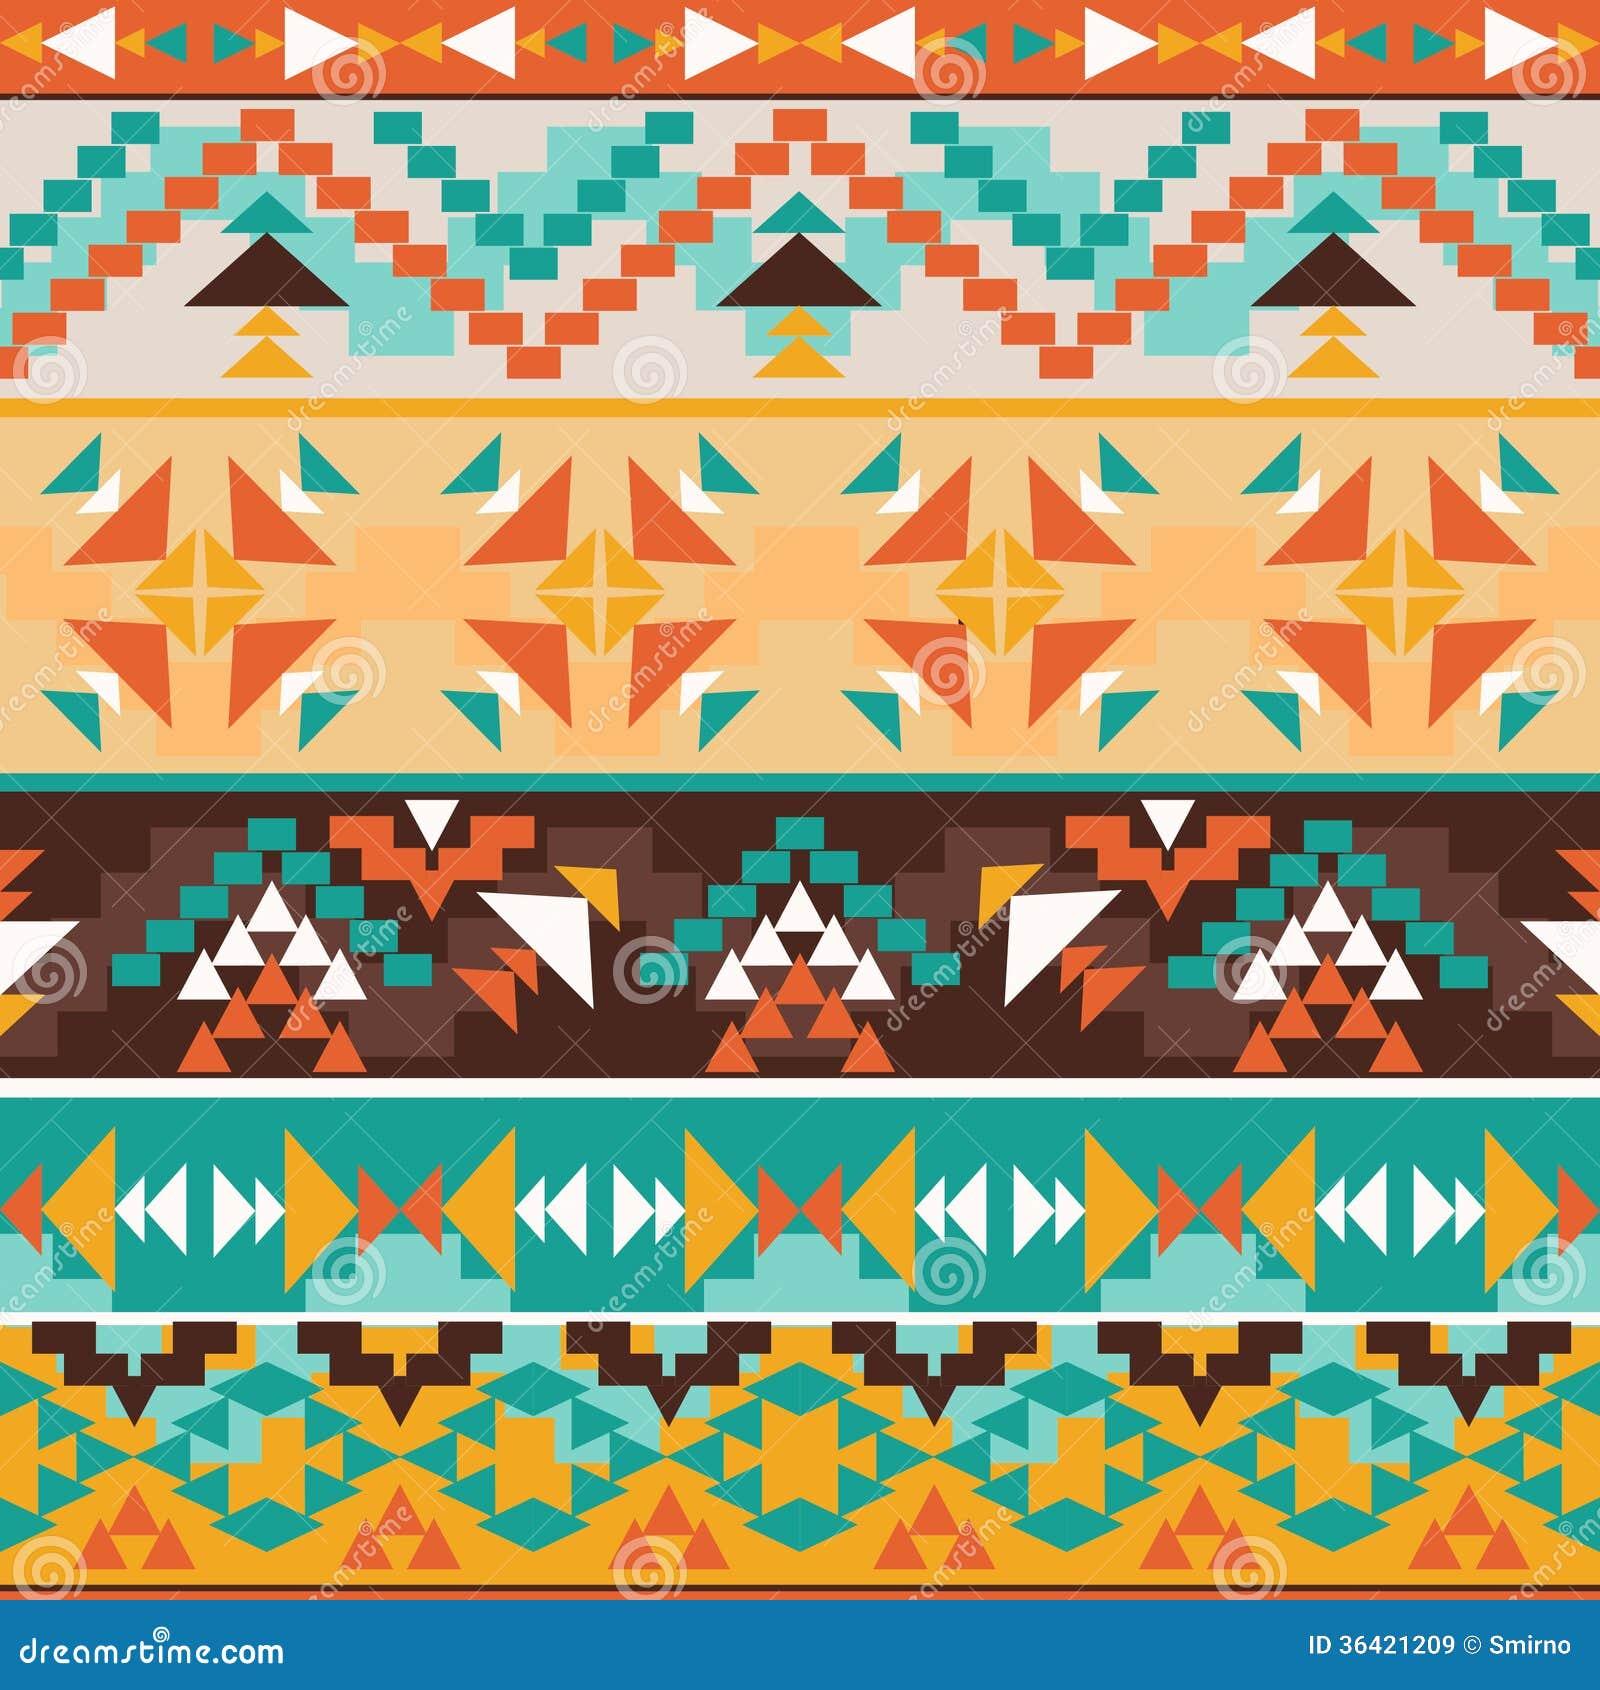 Aztec Print Tumblr Wallpaper Colorful aztec wallpaper.